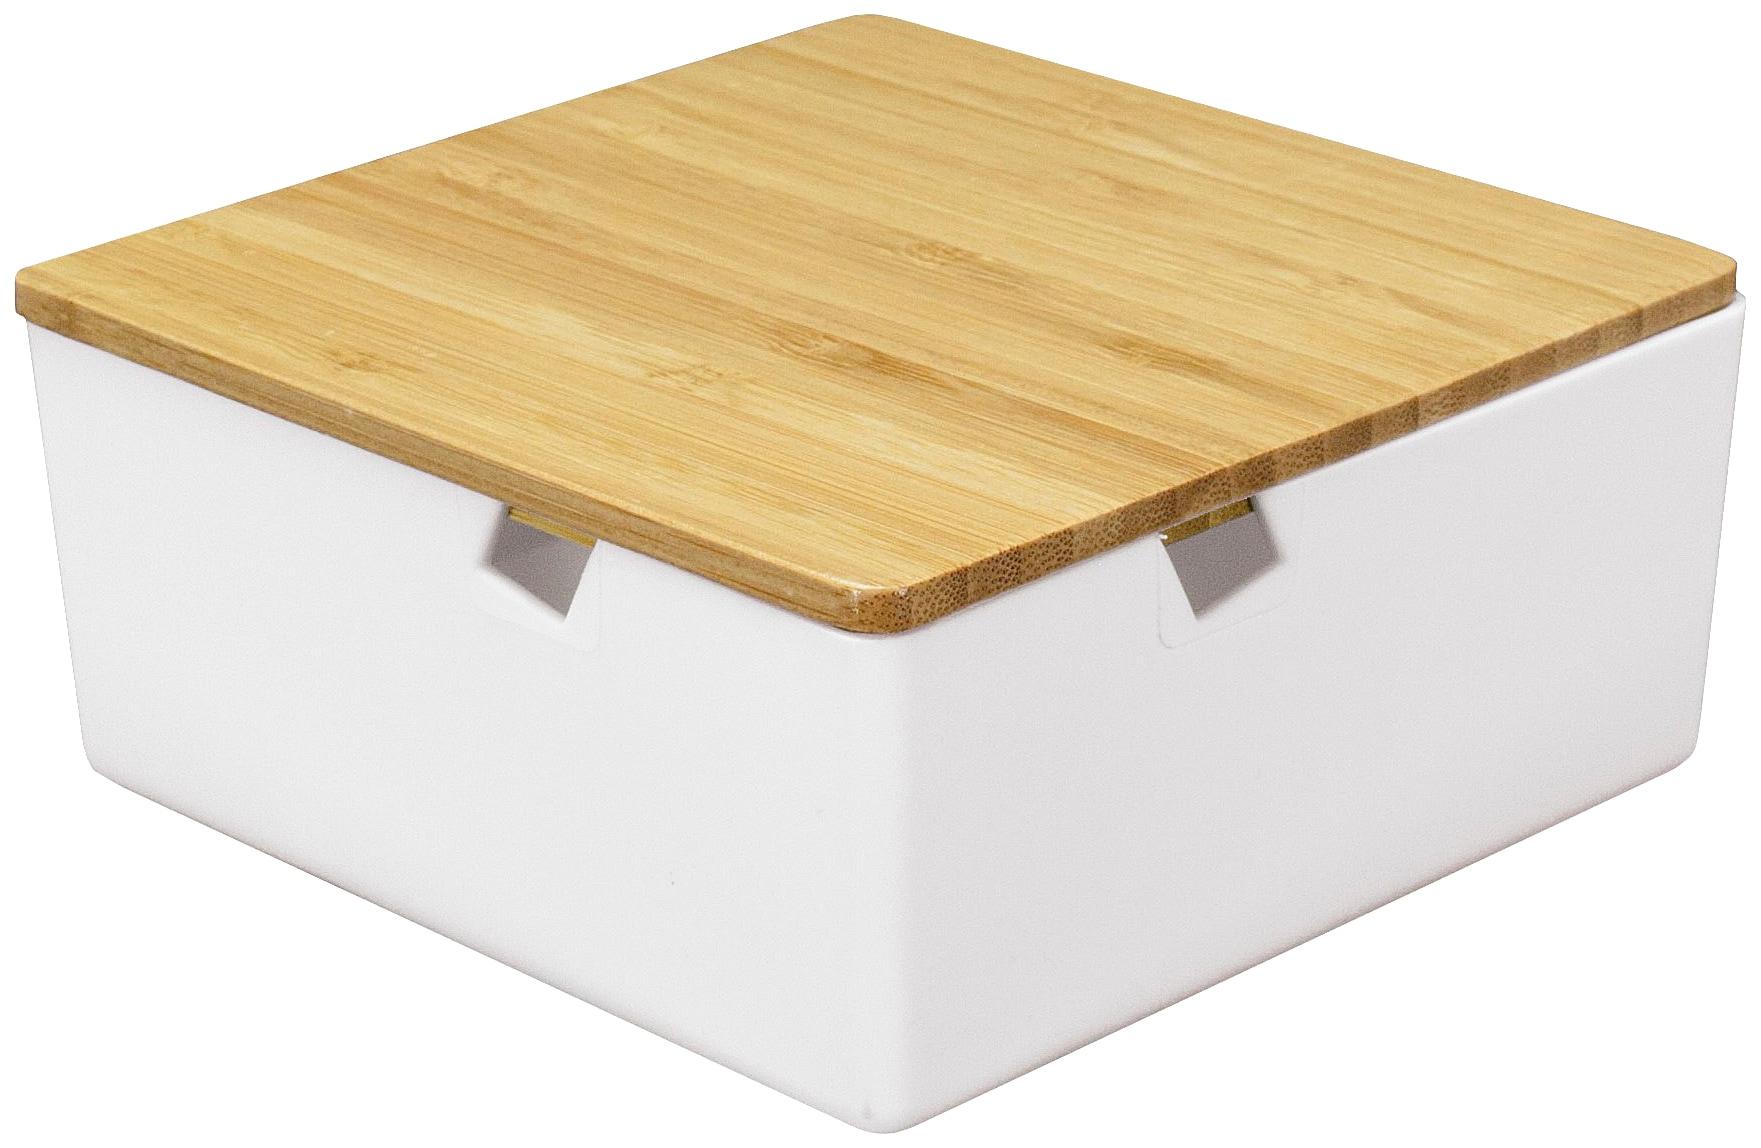 Kleine Wolke Aufbewahrungsbox Timber Box, weiß, Bambus weiß Kleideraufbewahrung Aufbewahrung Ordnung Wohnaccessoires